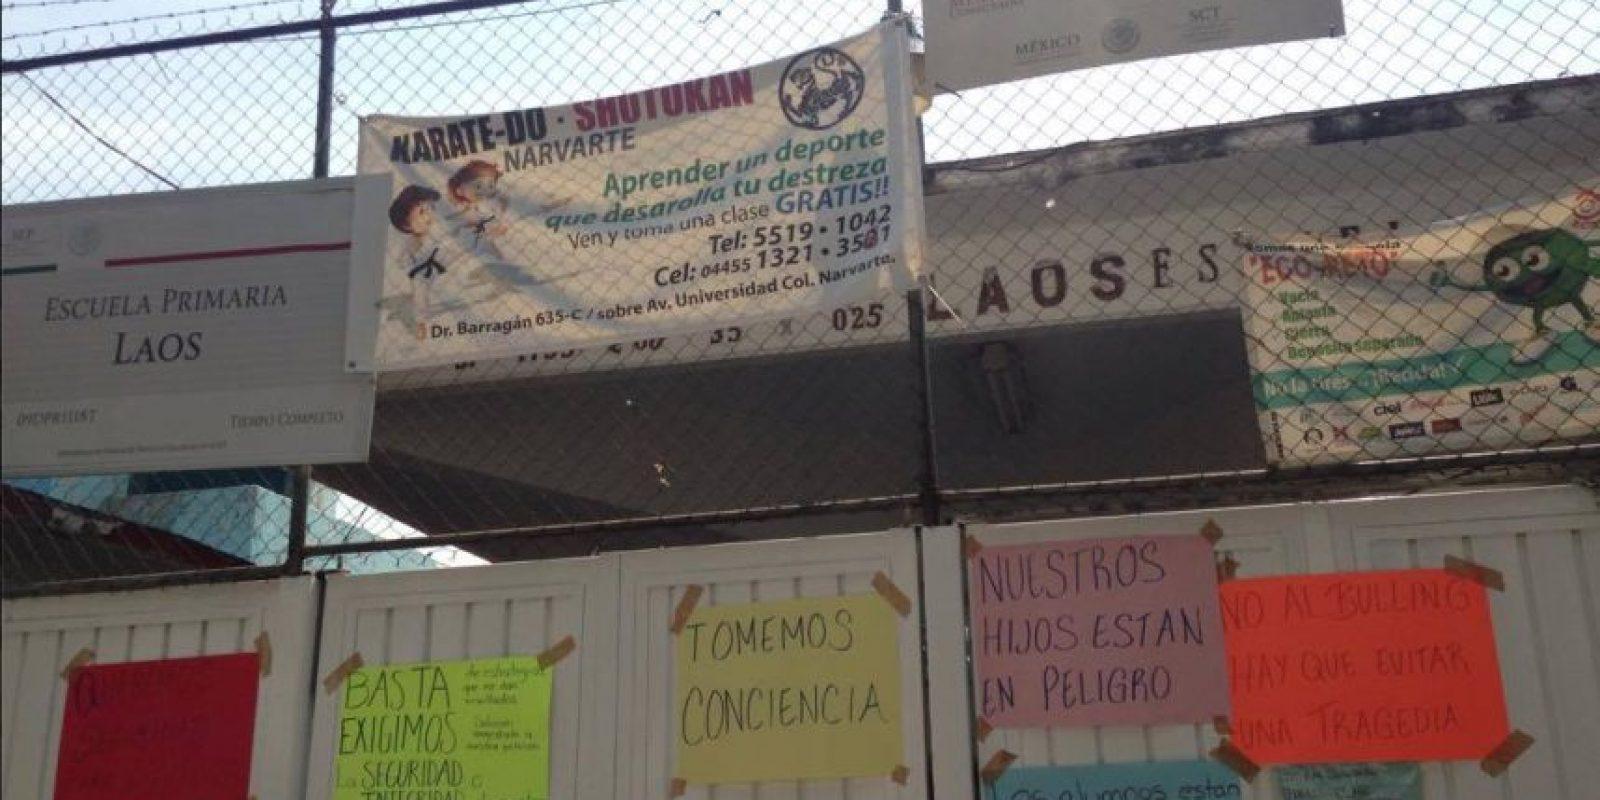 Los padres advirtieron que si este viernes no se ha removido al alumno con problemas de conducta, impedirán de nuevo el acceso a sus hijos. Foto:Nicolás Corte/Publimetro